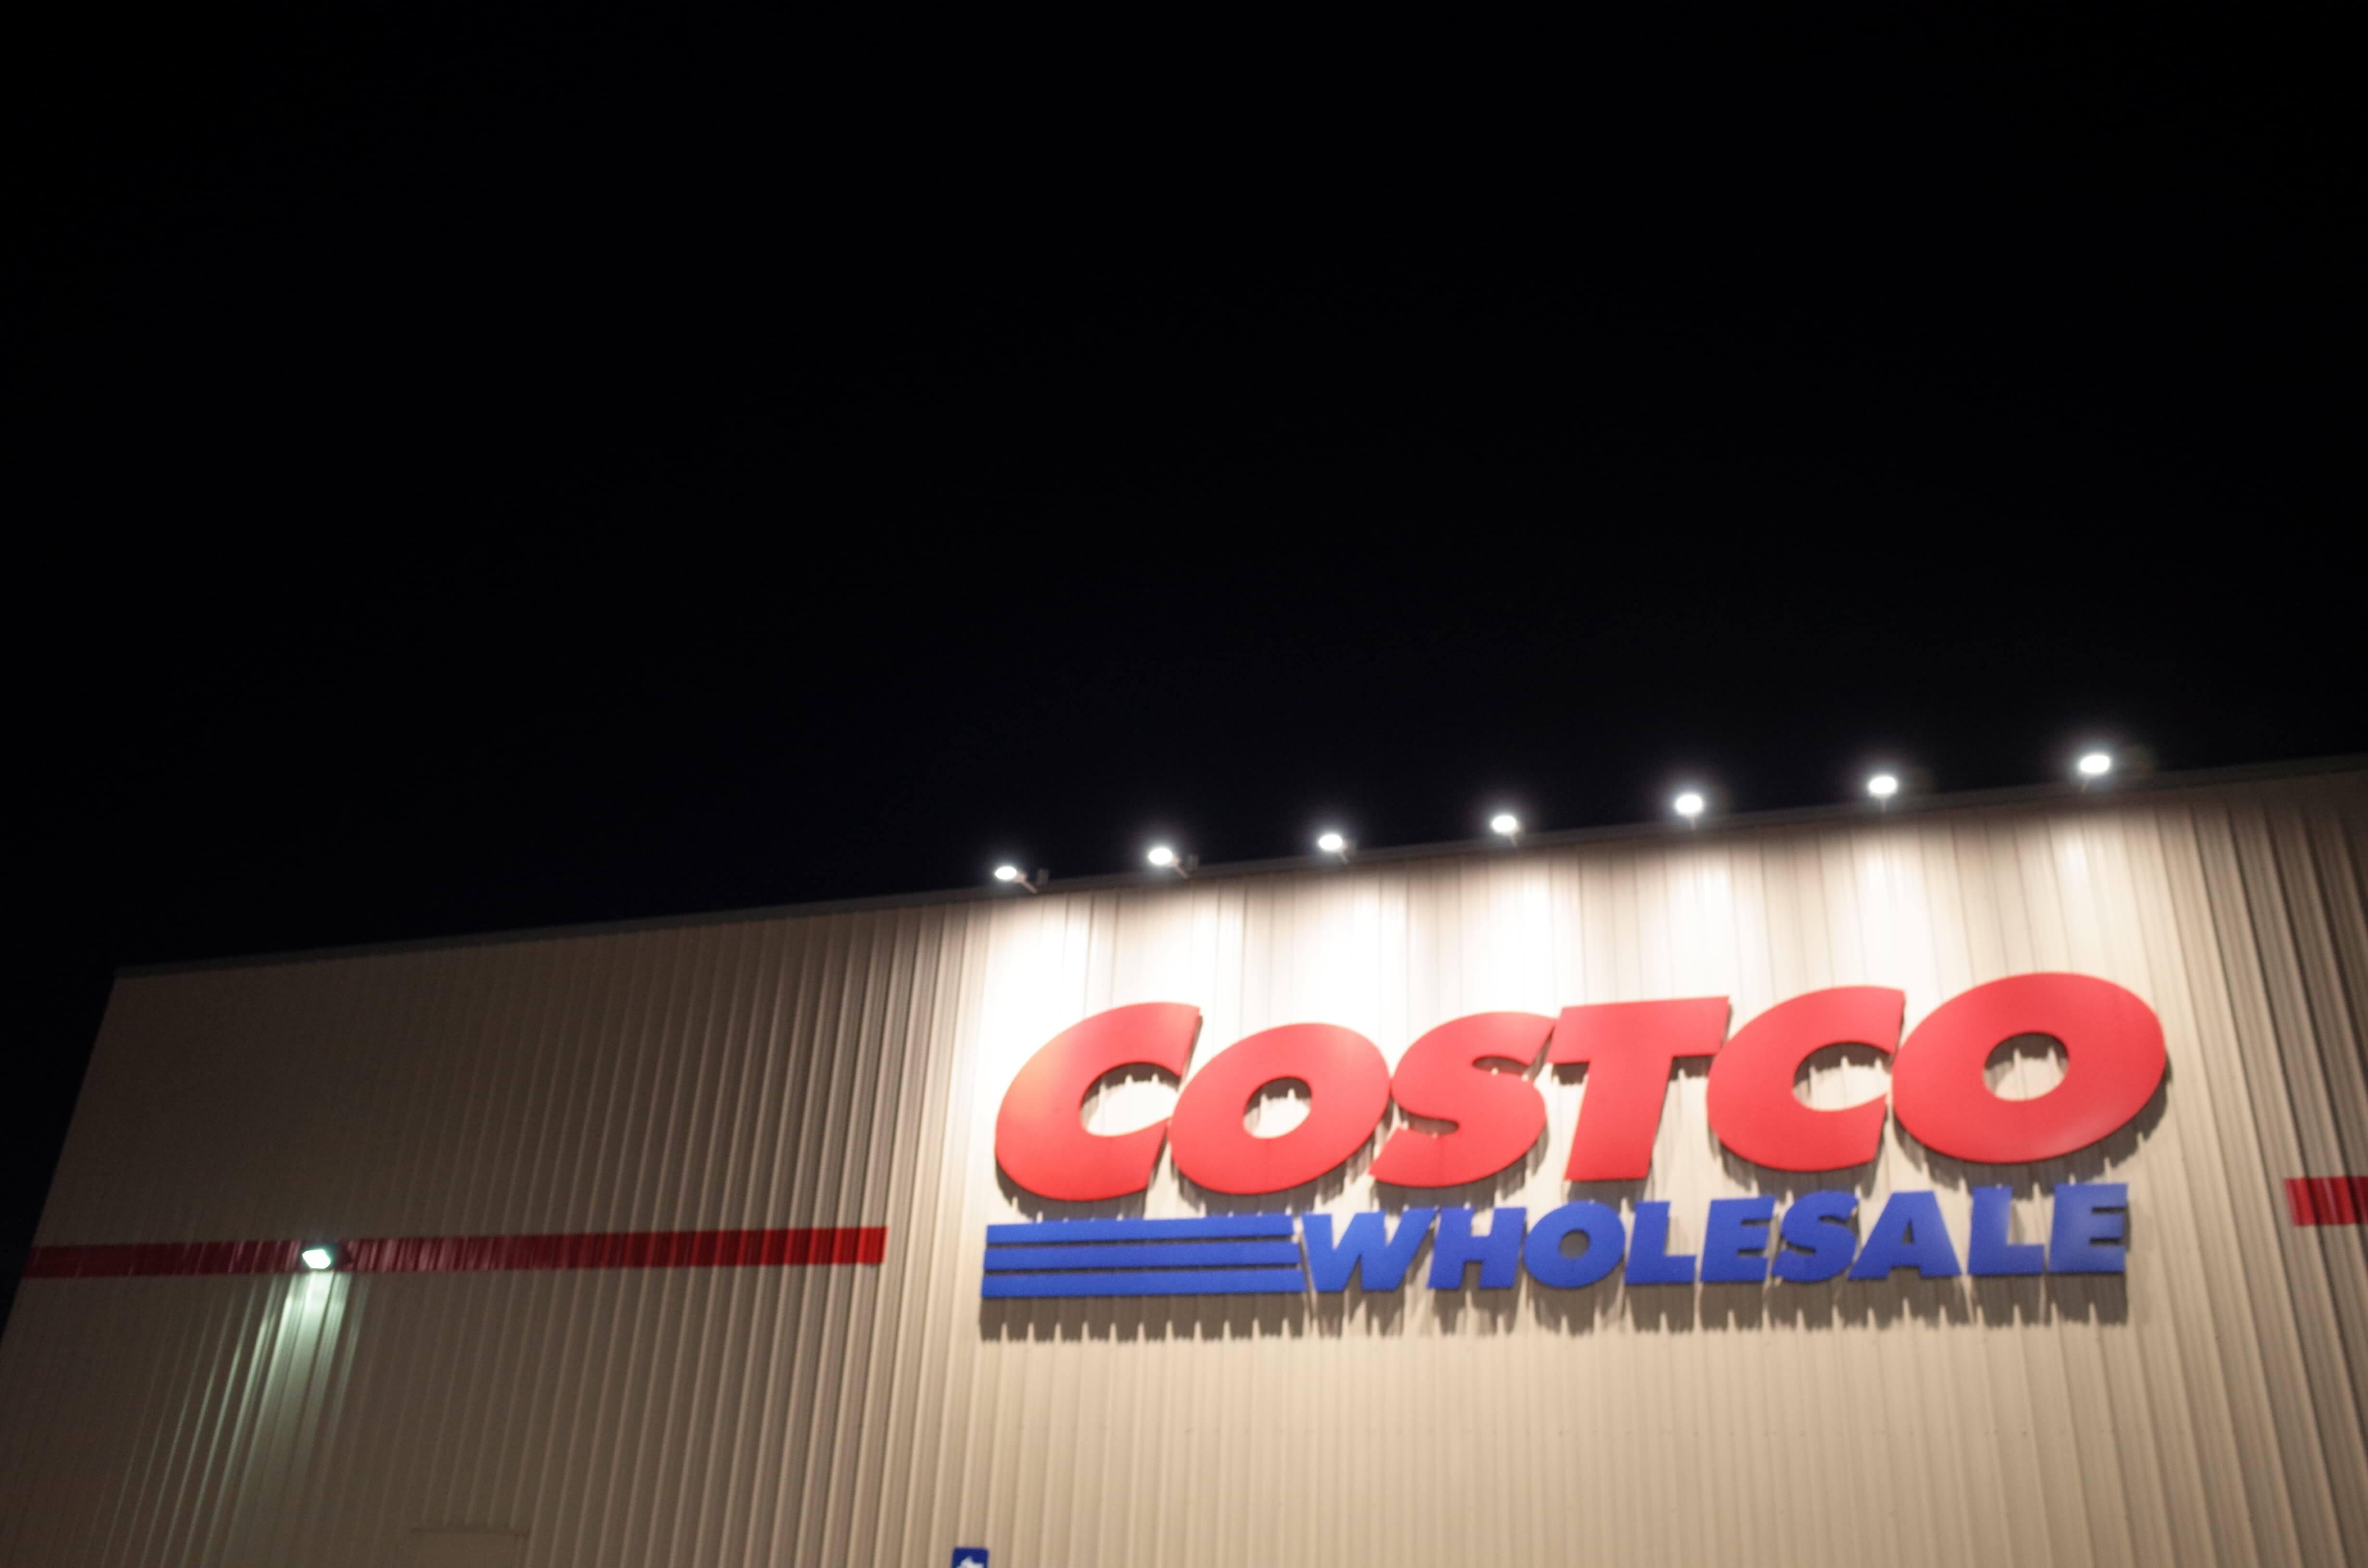 COSTCO(コストコ)は本当に安いのか?コスパを調査してみた